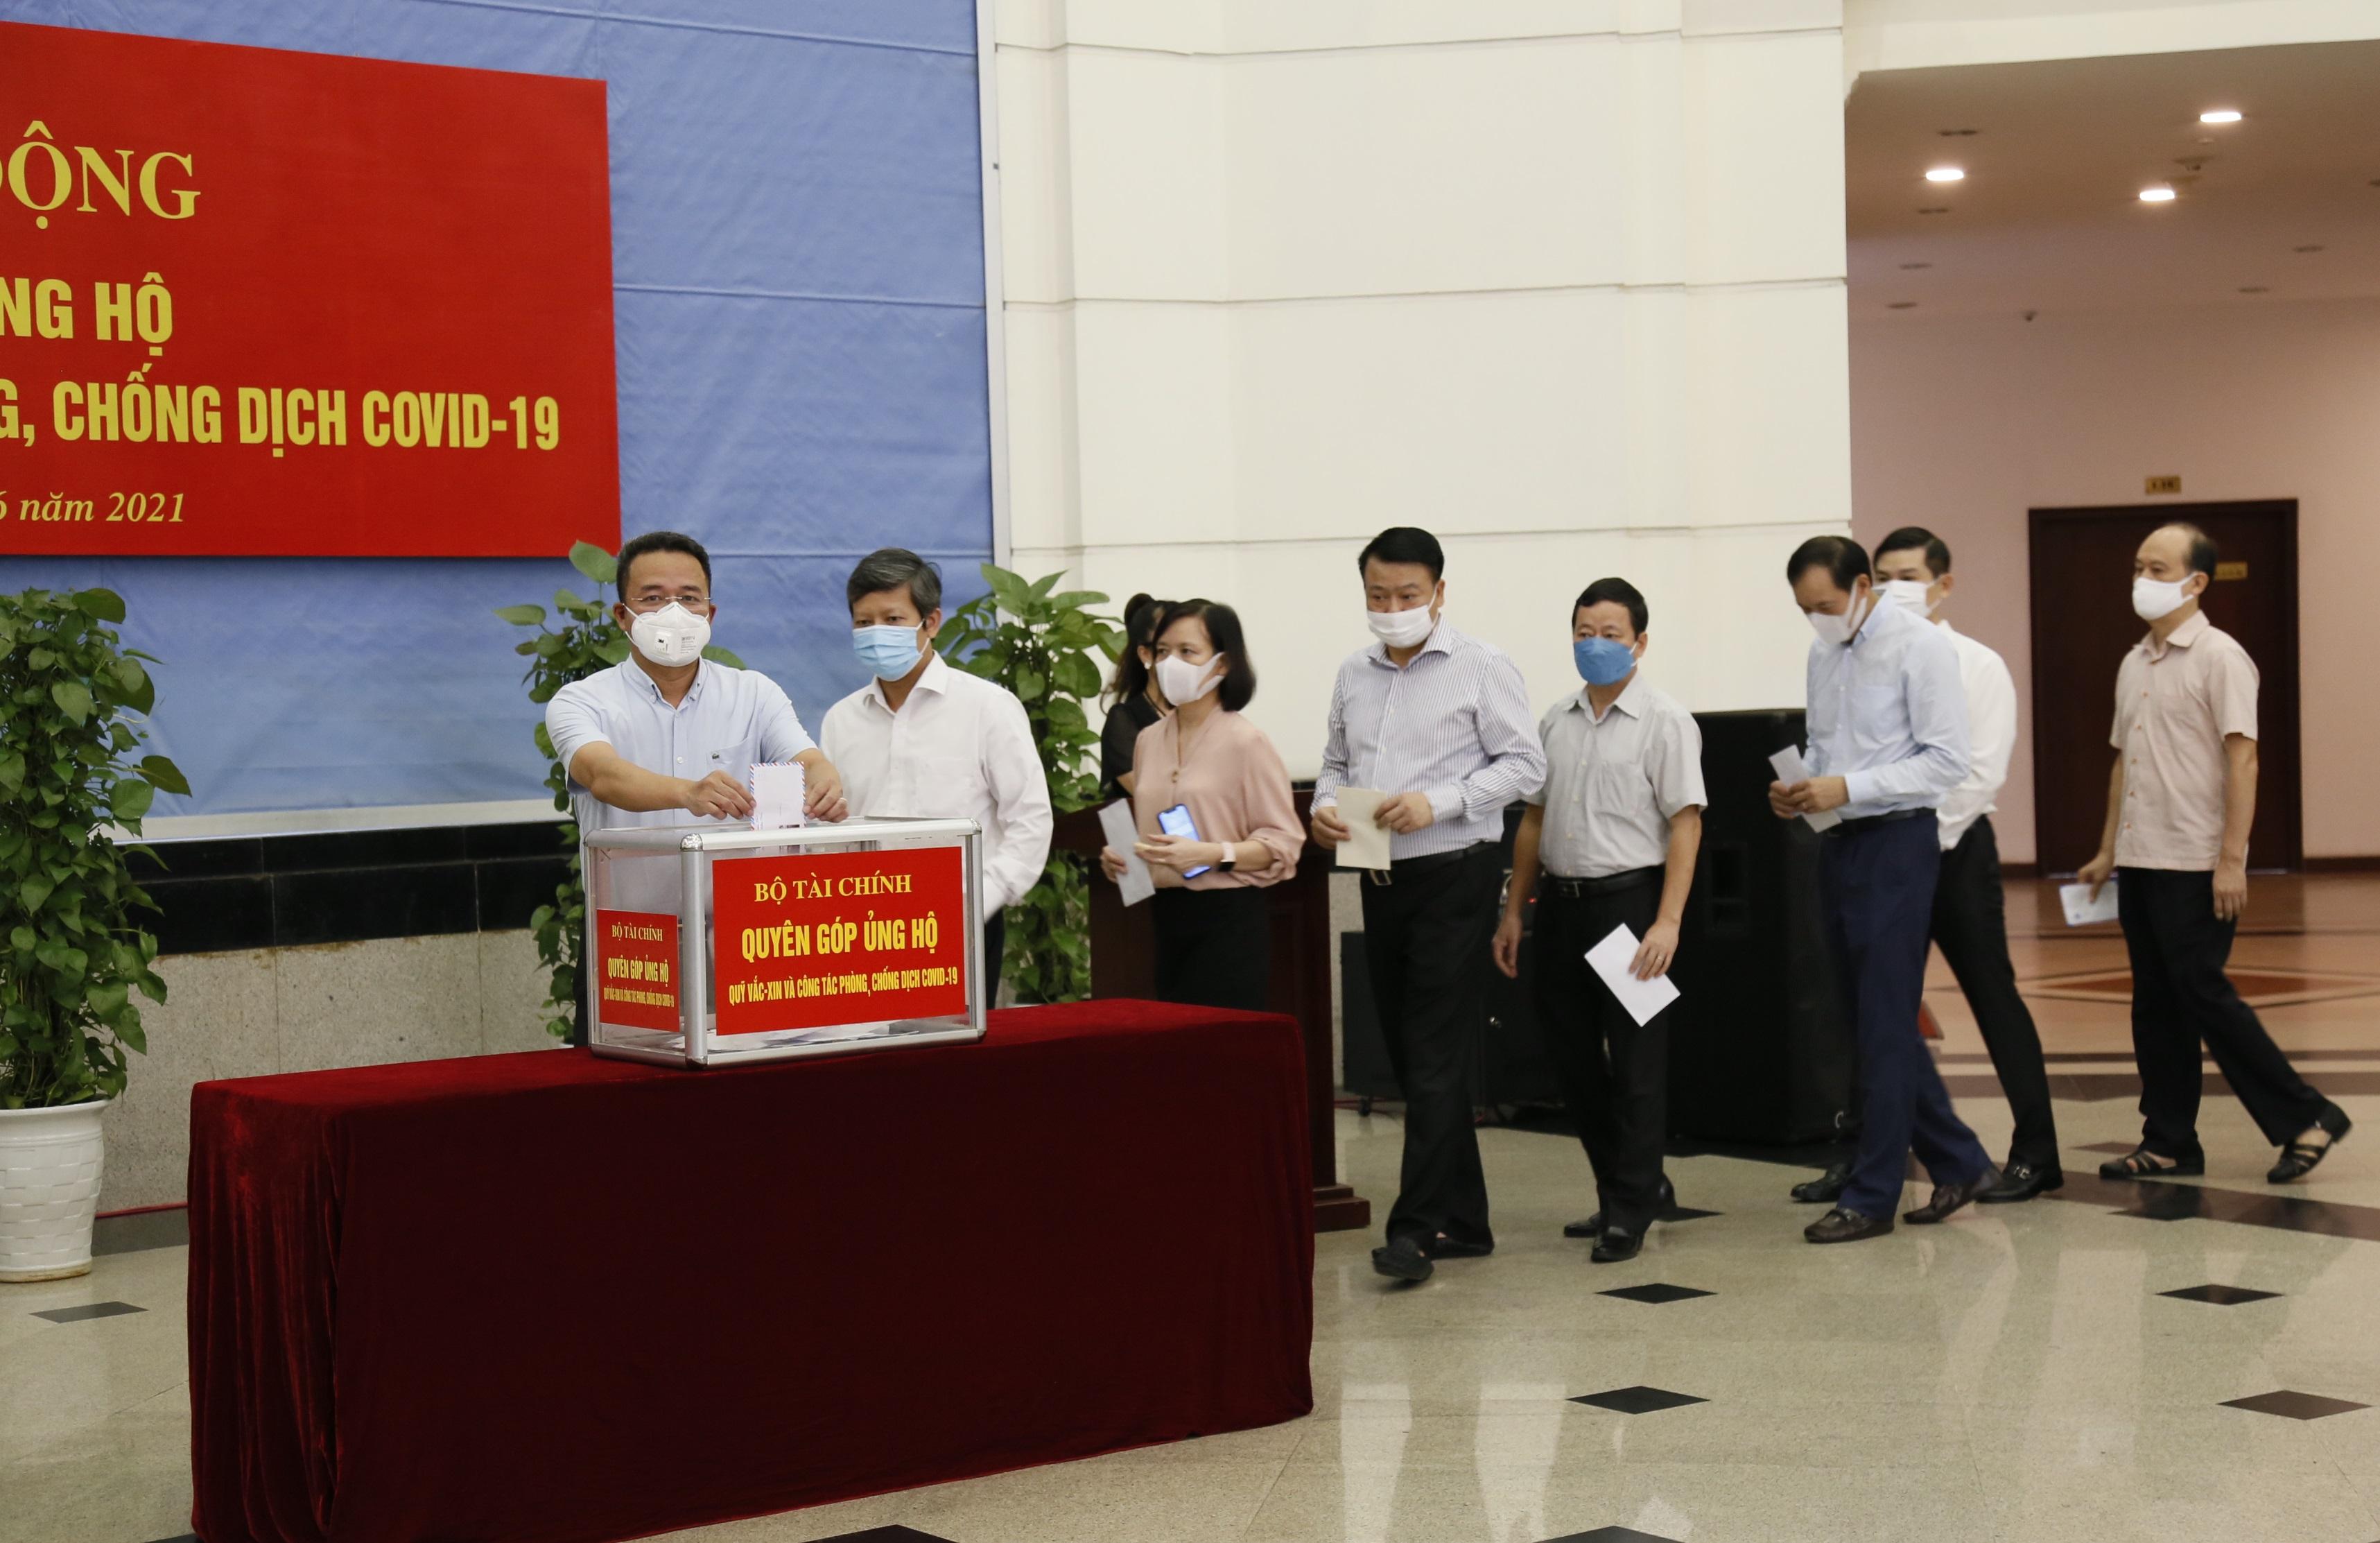 Lãnh đạo các tổng cục, cục, vụ thuộc Bộ và công chức, viên chức, người lao động có mặt tại buổi lễ thực hiện quyên góp, ủng hộ Quỹ vắc xin và công tác phòng, chống dịch Covid-19.